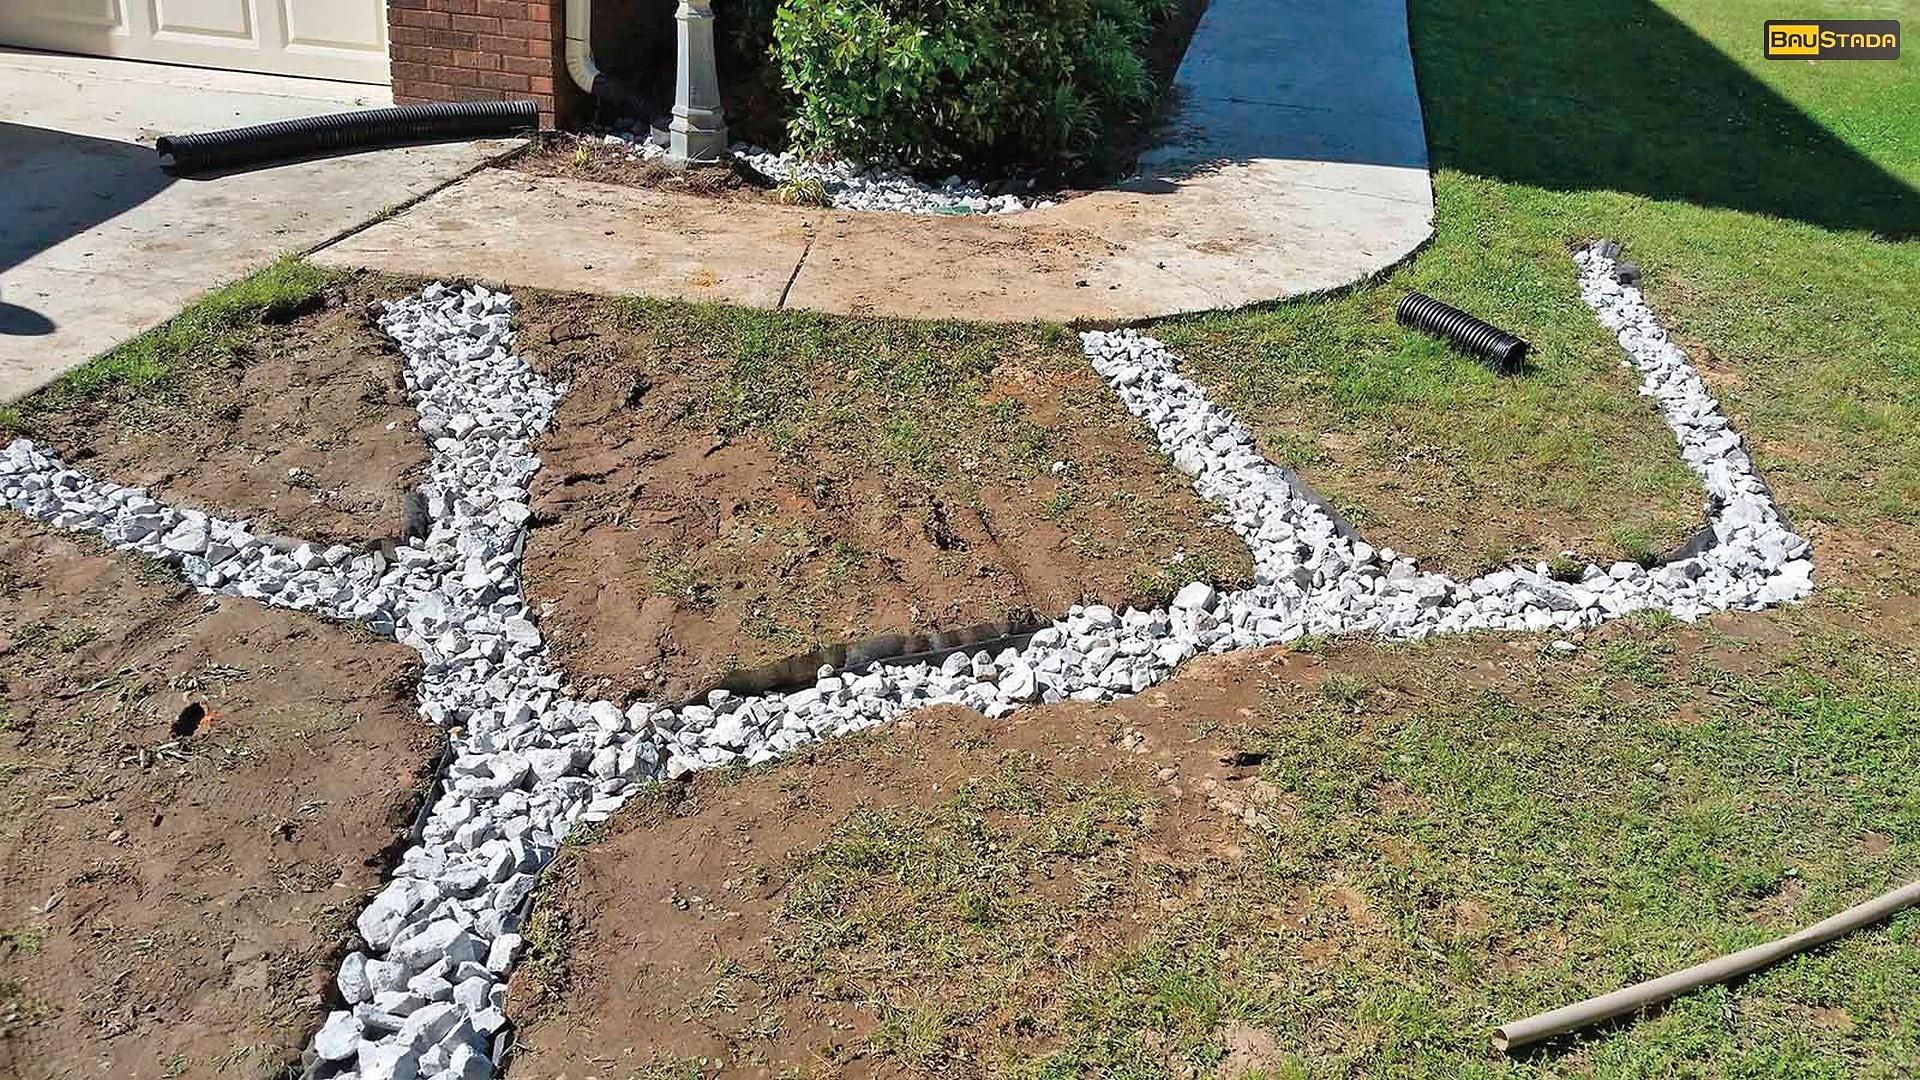 Главной причиной смерзания почвы является её насыщенность влагой, поэтому если ещё летом позаботиться об осушении участка, зимой земляные работы выполнять легче. Для этого вода с территор...